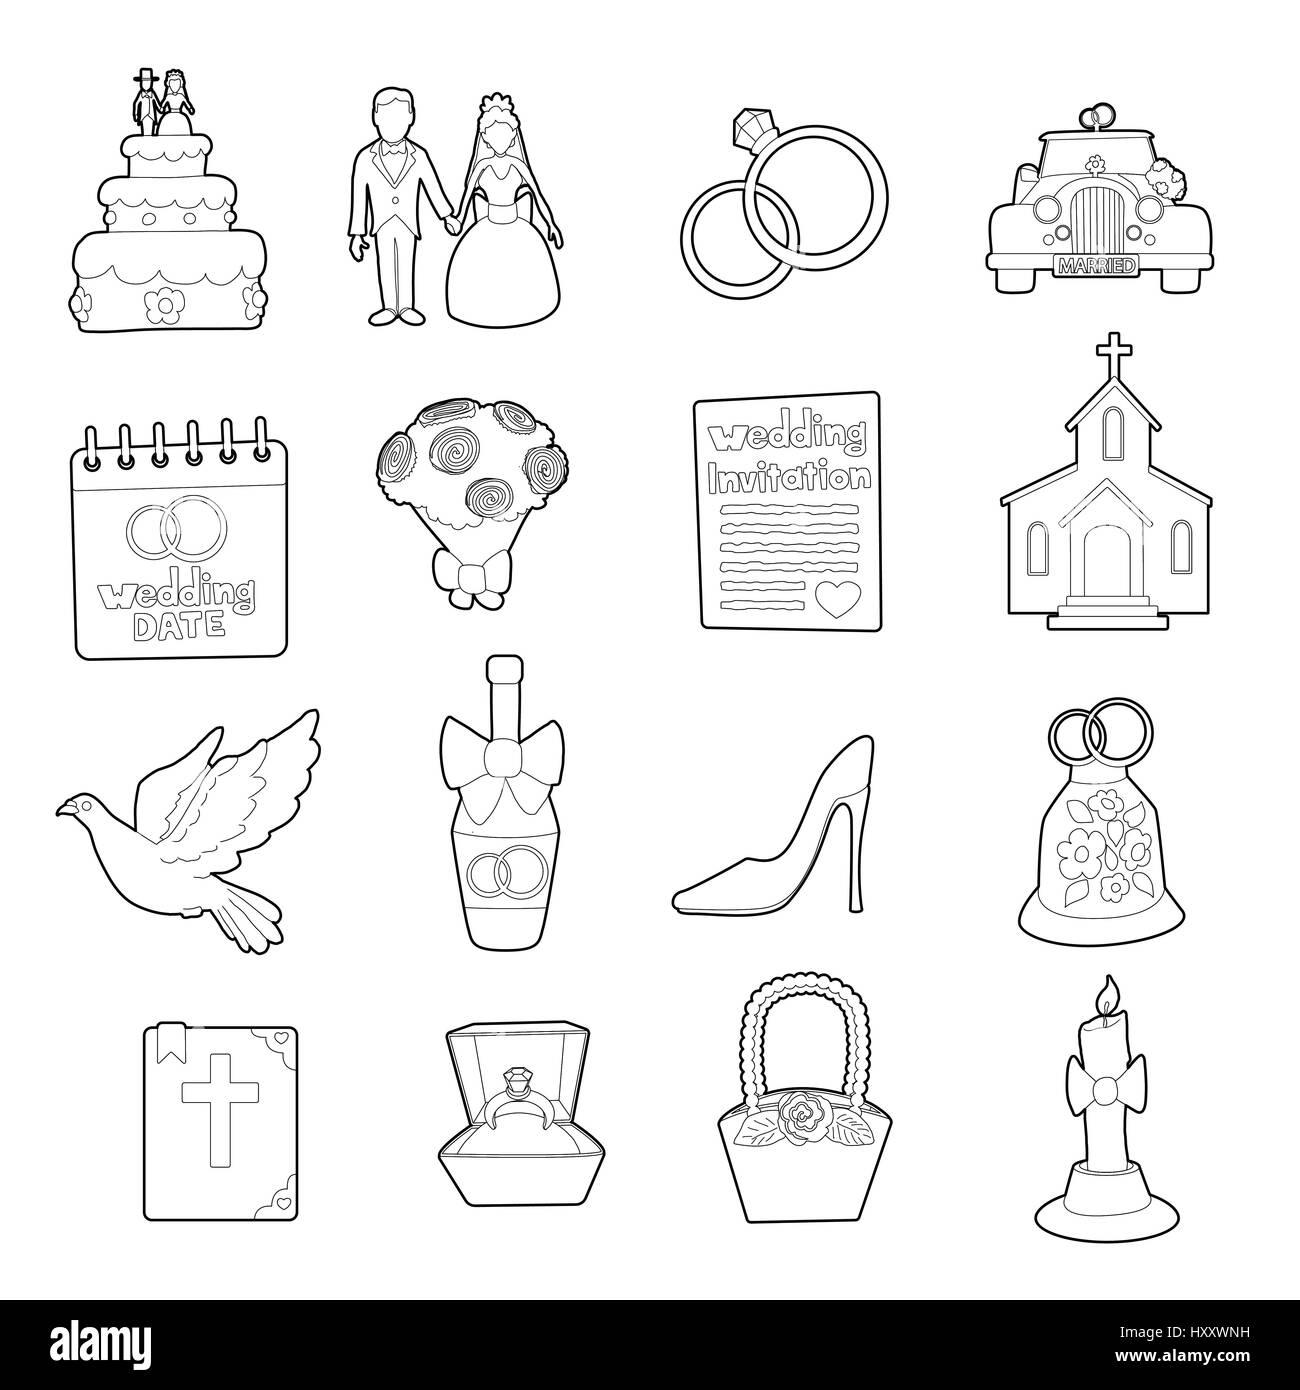 Hochzeit Symbole Aufforstungsprogramm Cartoonstil Festlegen Vektor